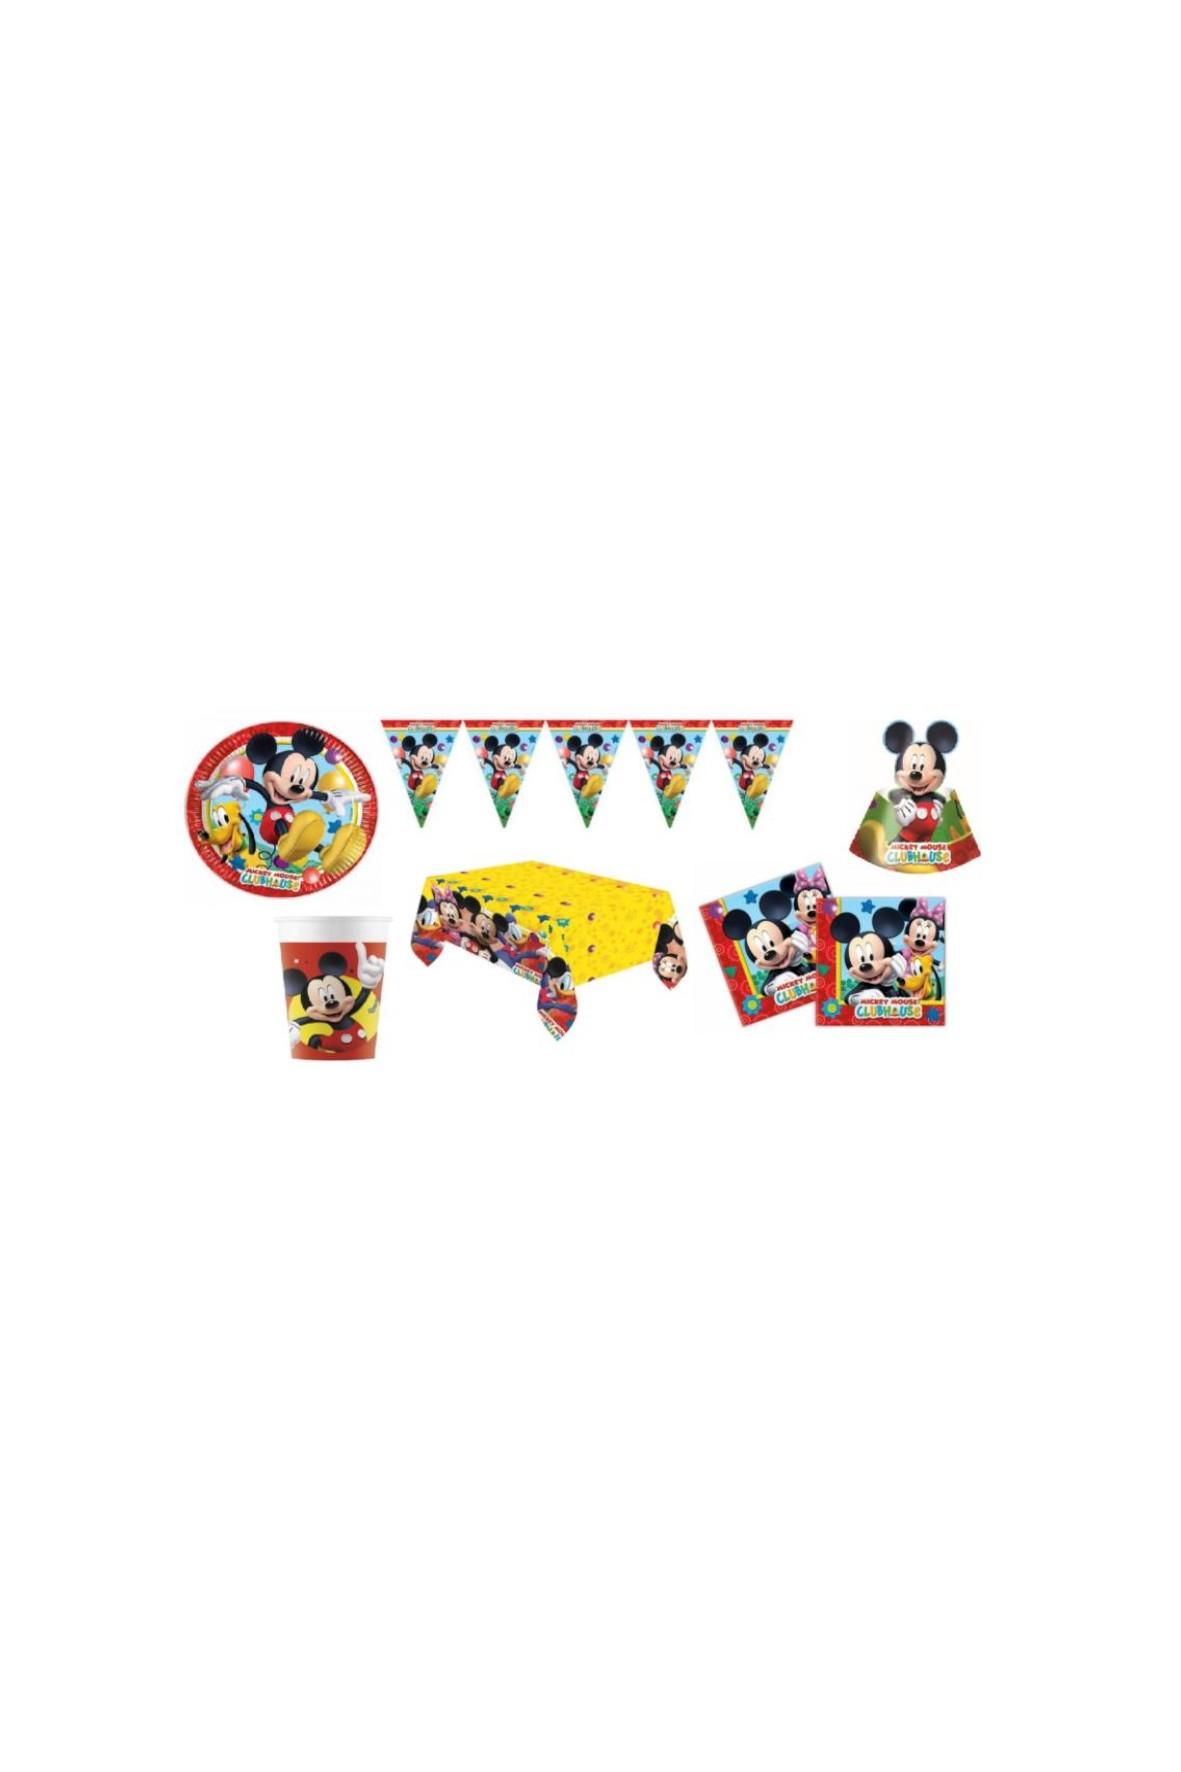 Zestaw urodzinowy Myszka Mickey        - 44 elementy